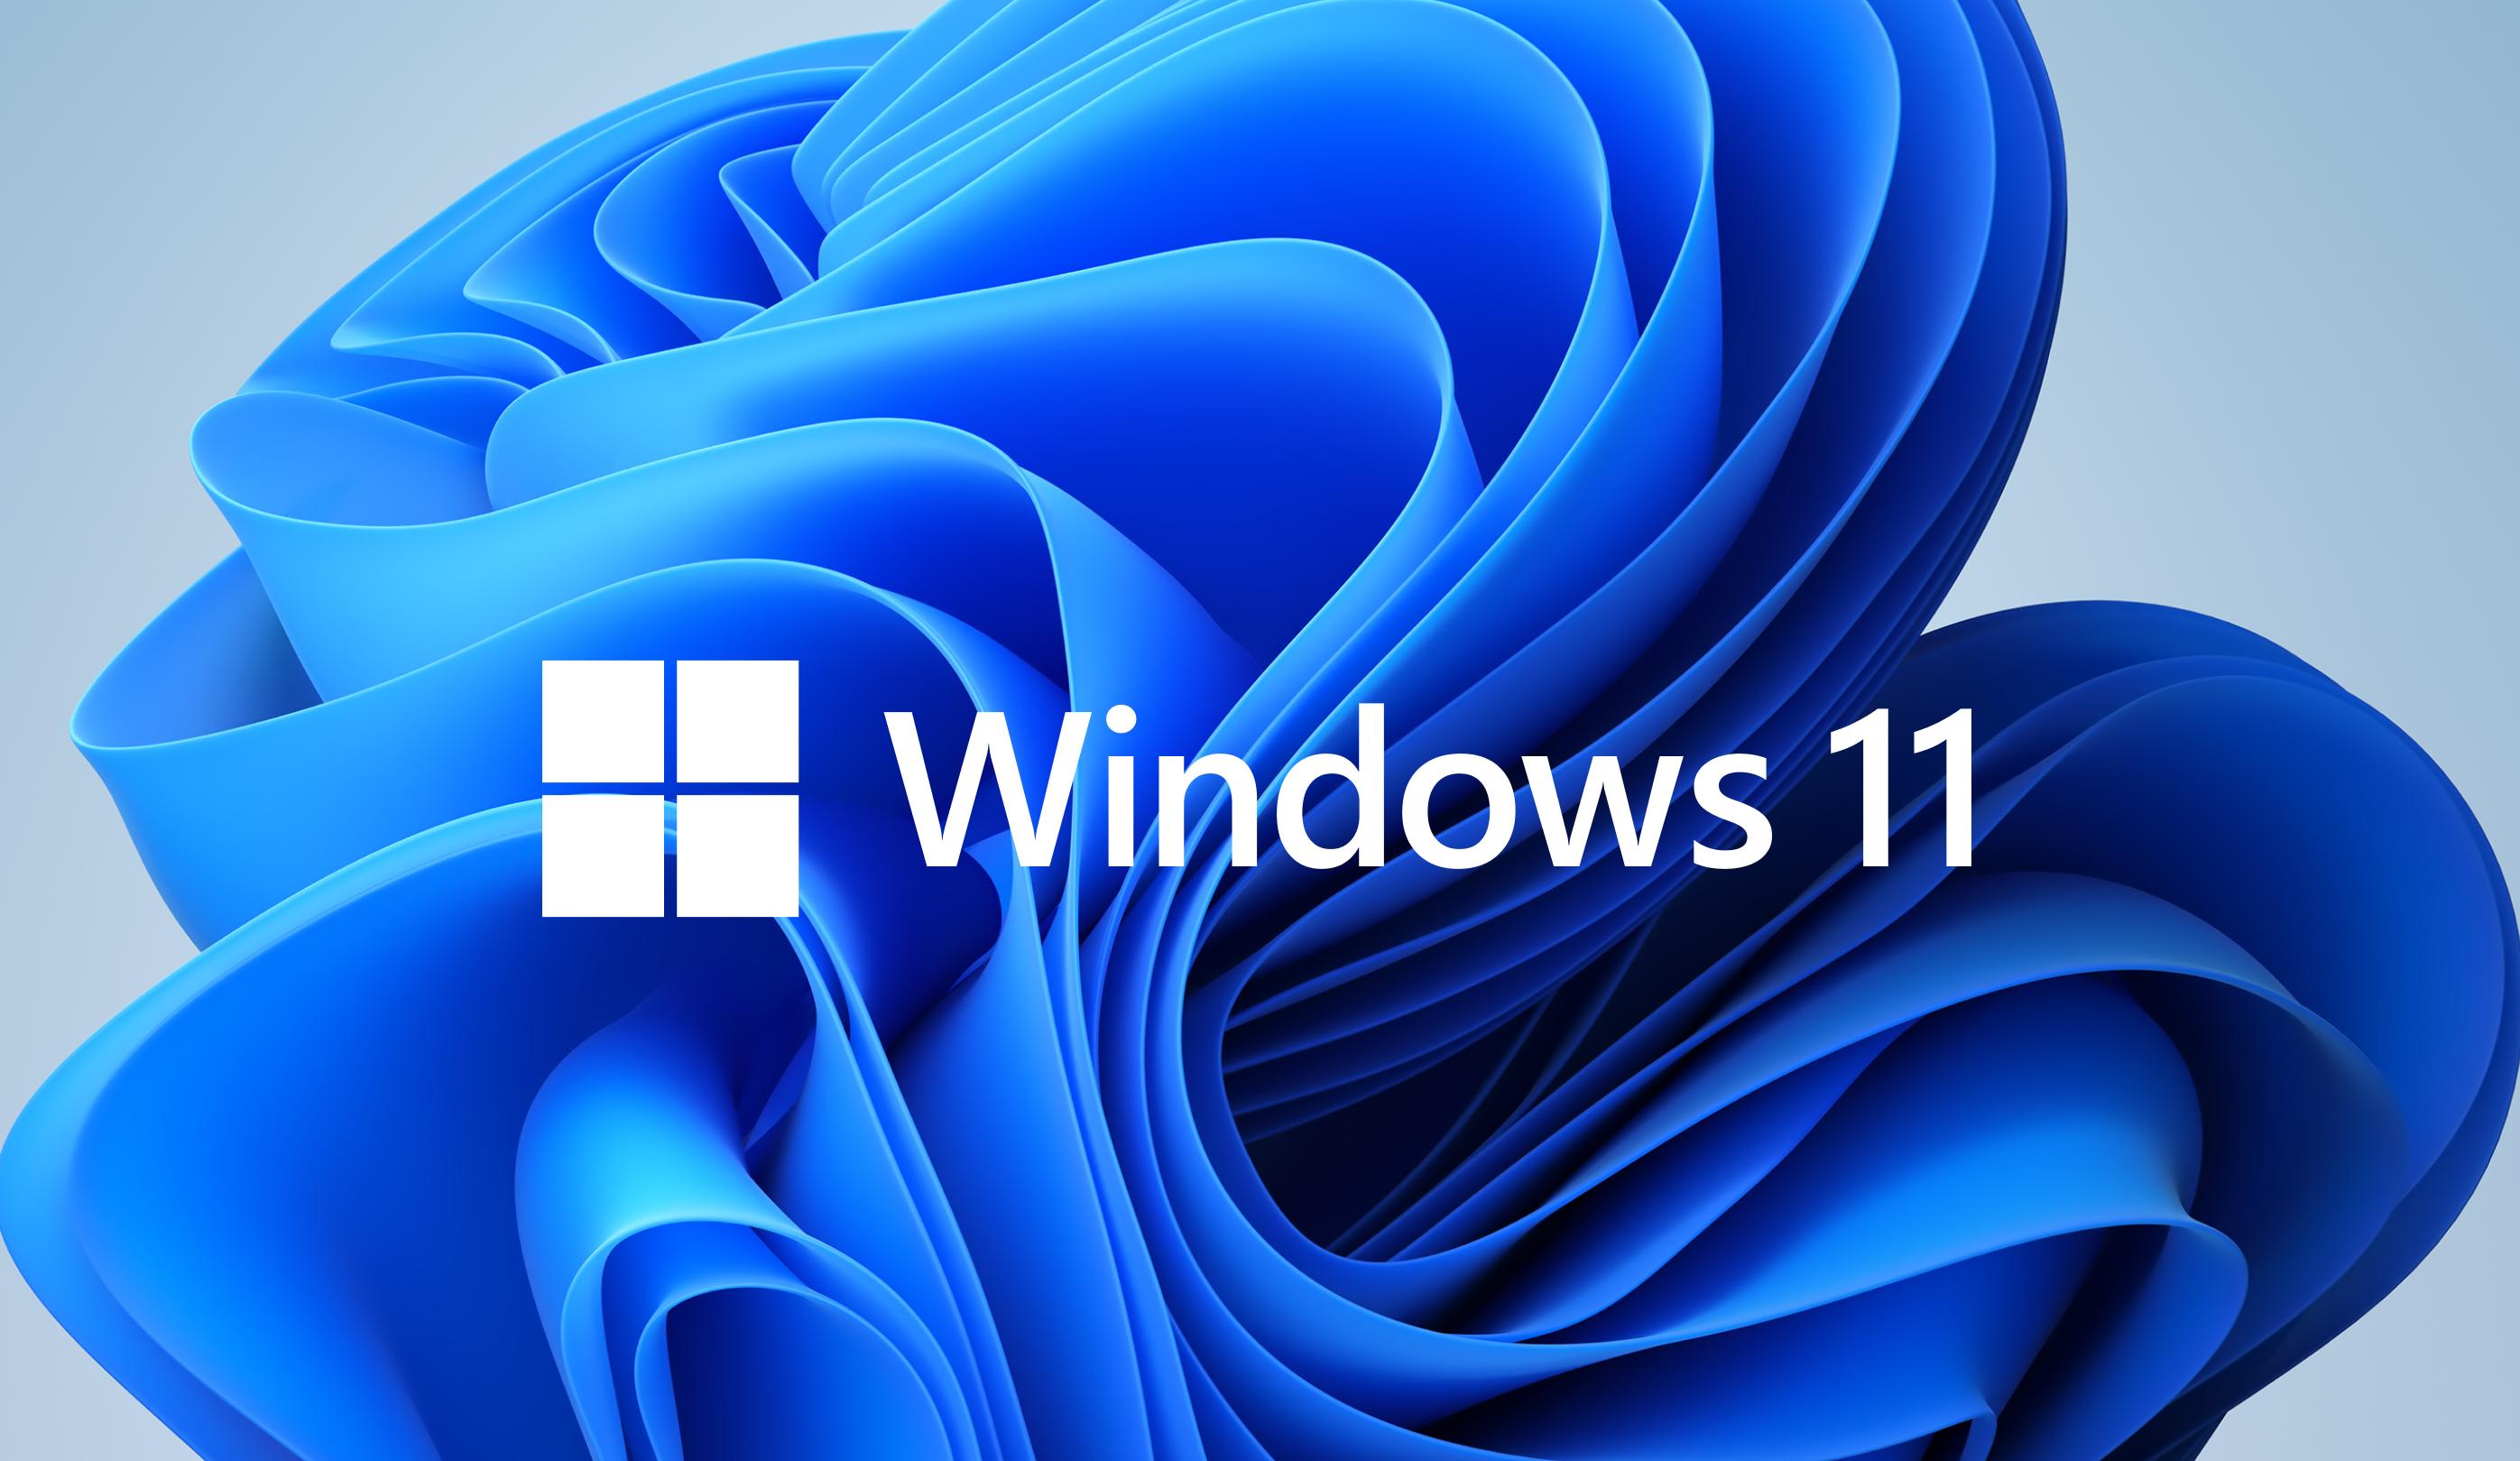 ¿Cómo descargar gratis Windows 11 antes del lanzamiento?